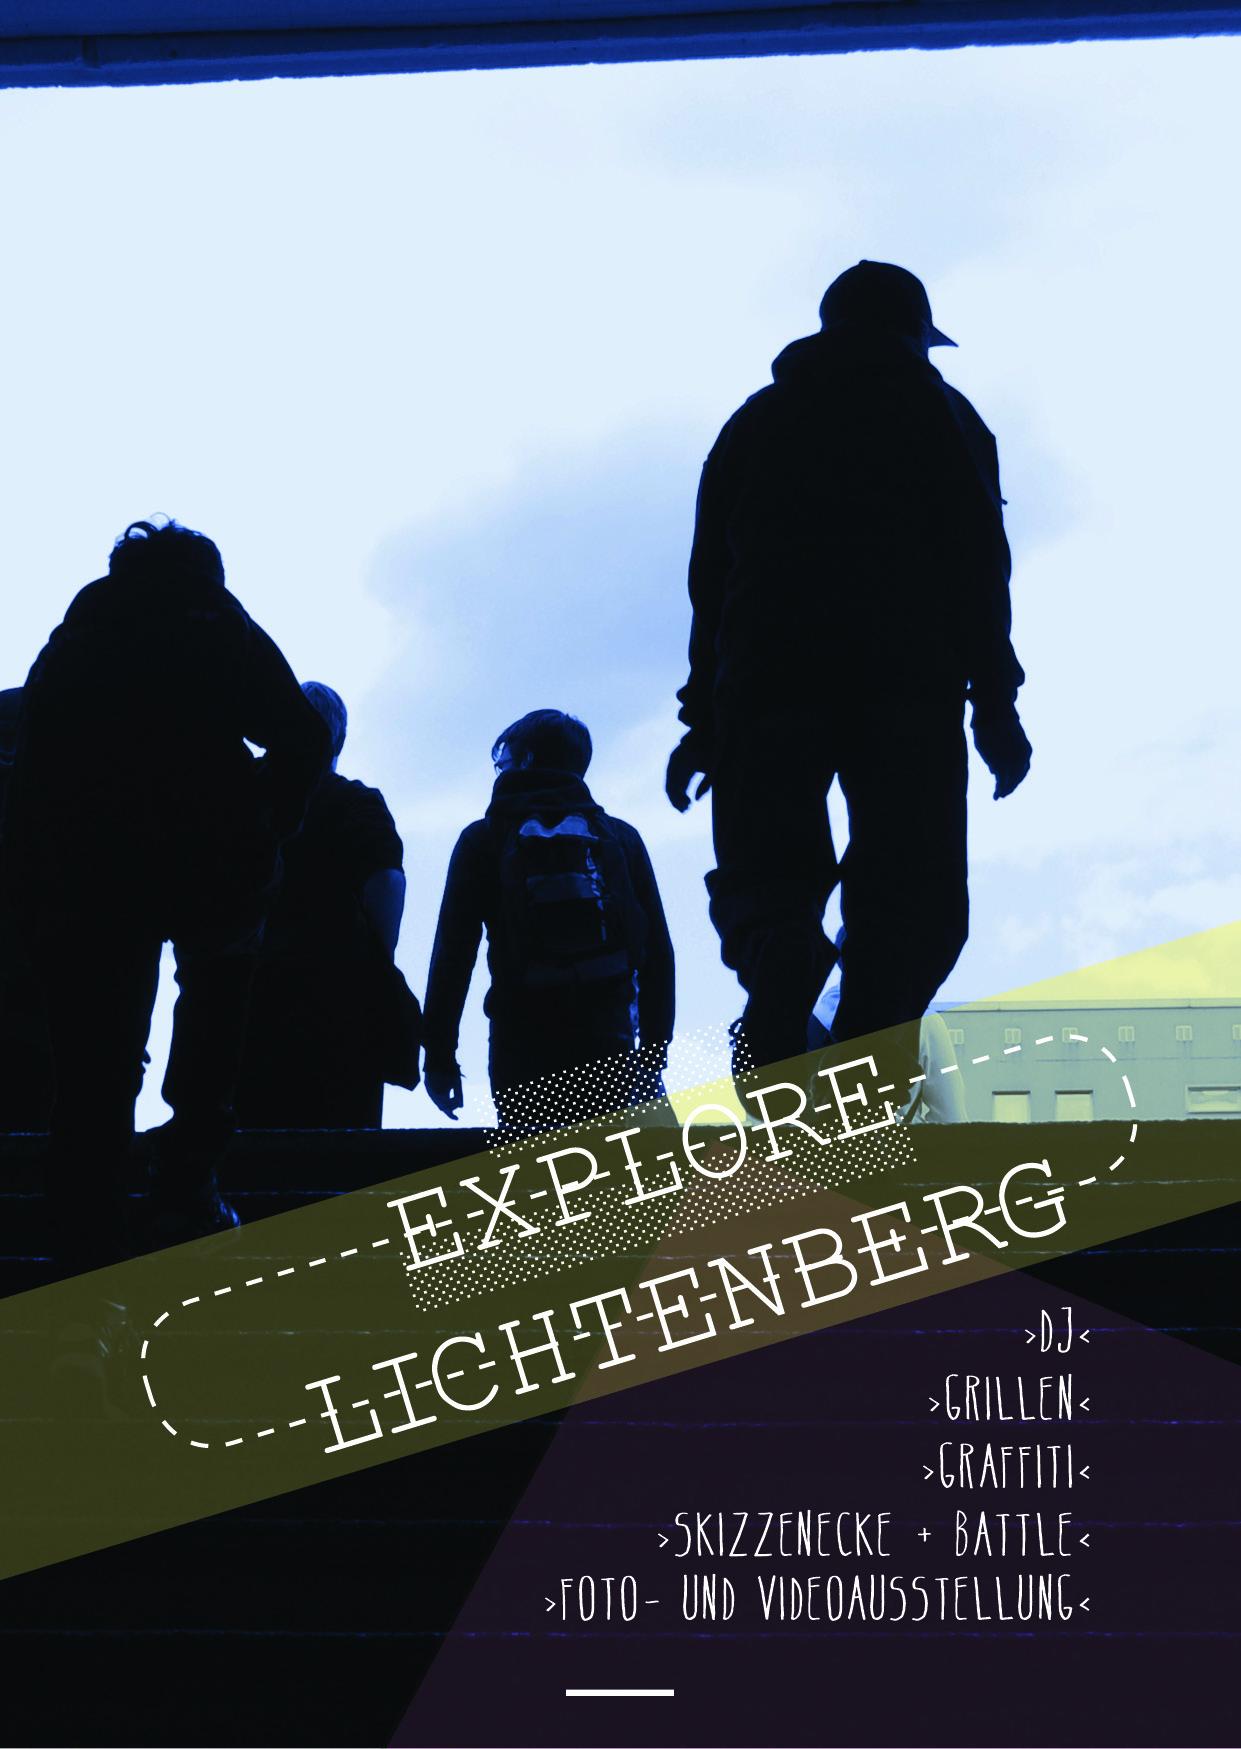 Explore Lichtenberg – Workshop